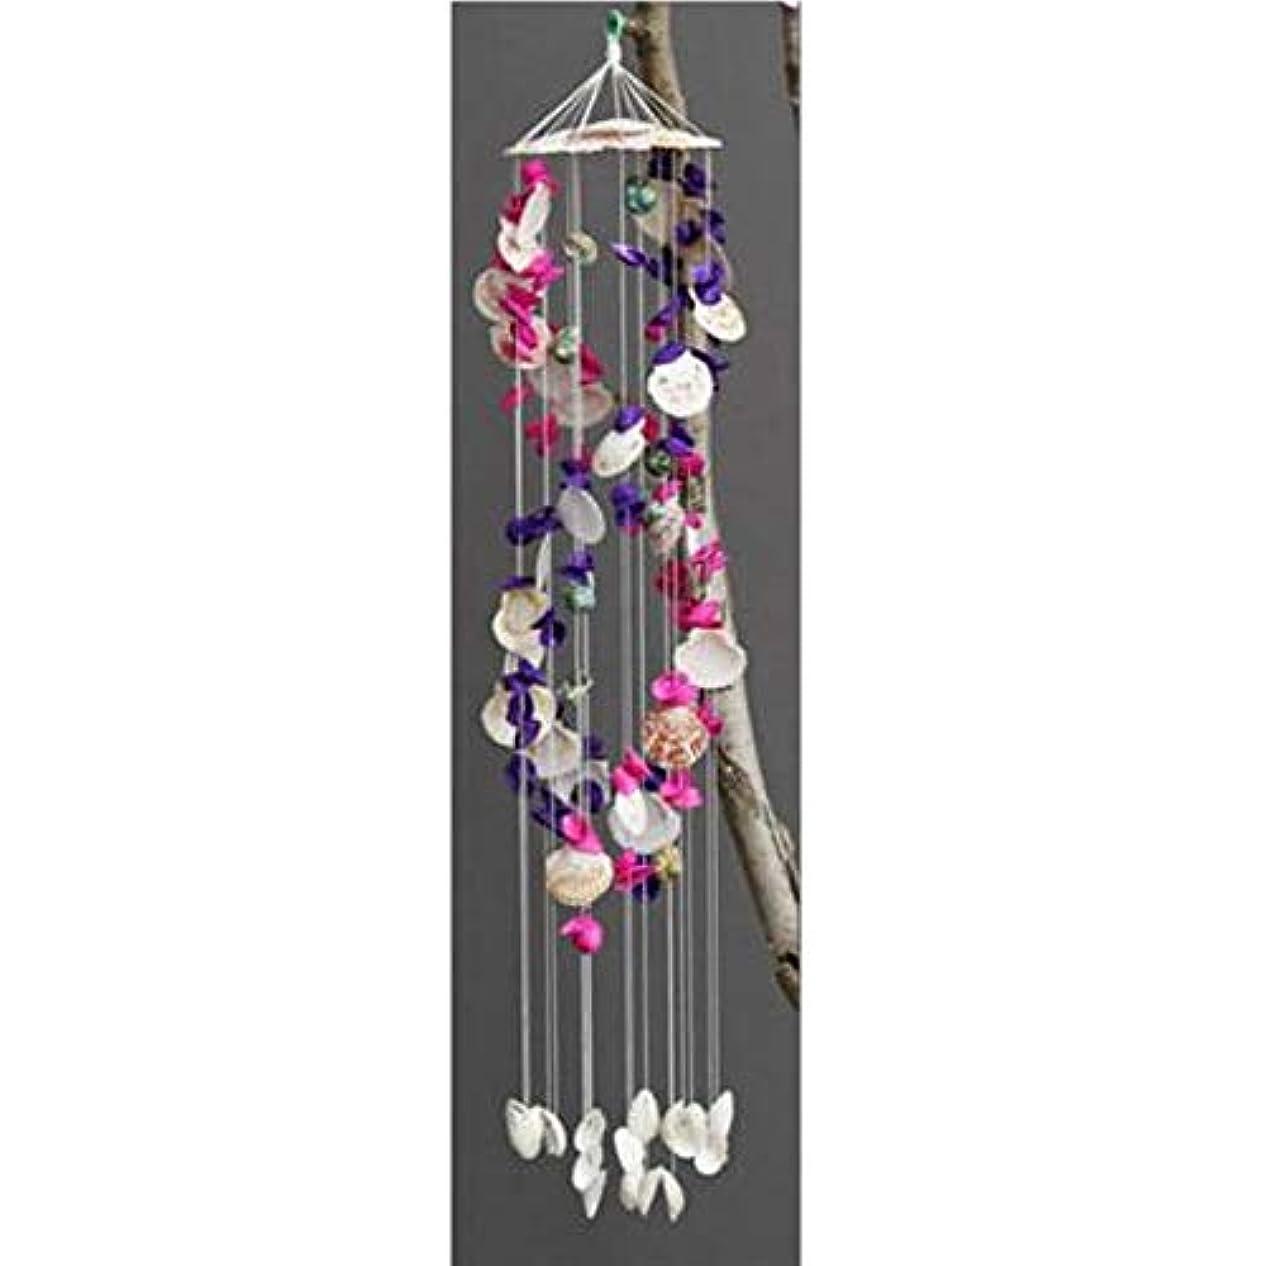 生まれ単なるはげHongyuantongxun 風チャイム、かわいい手作りのクリエイティブシェル風の鐘、斑入り、全長約95CM,、装飾品ペンダント (Color : Multi-colored)